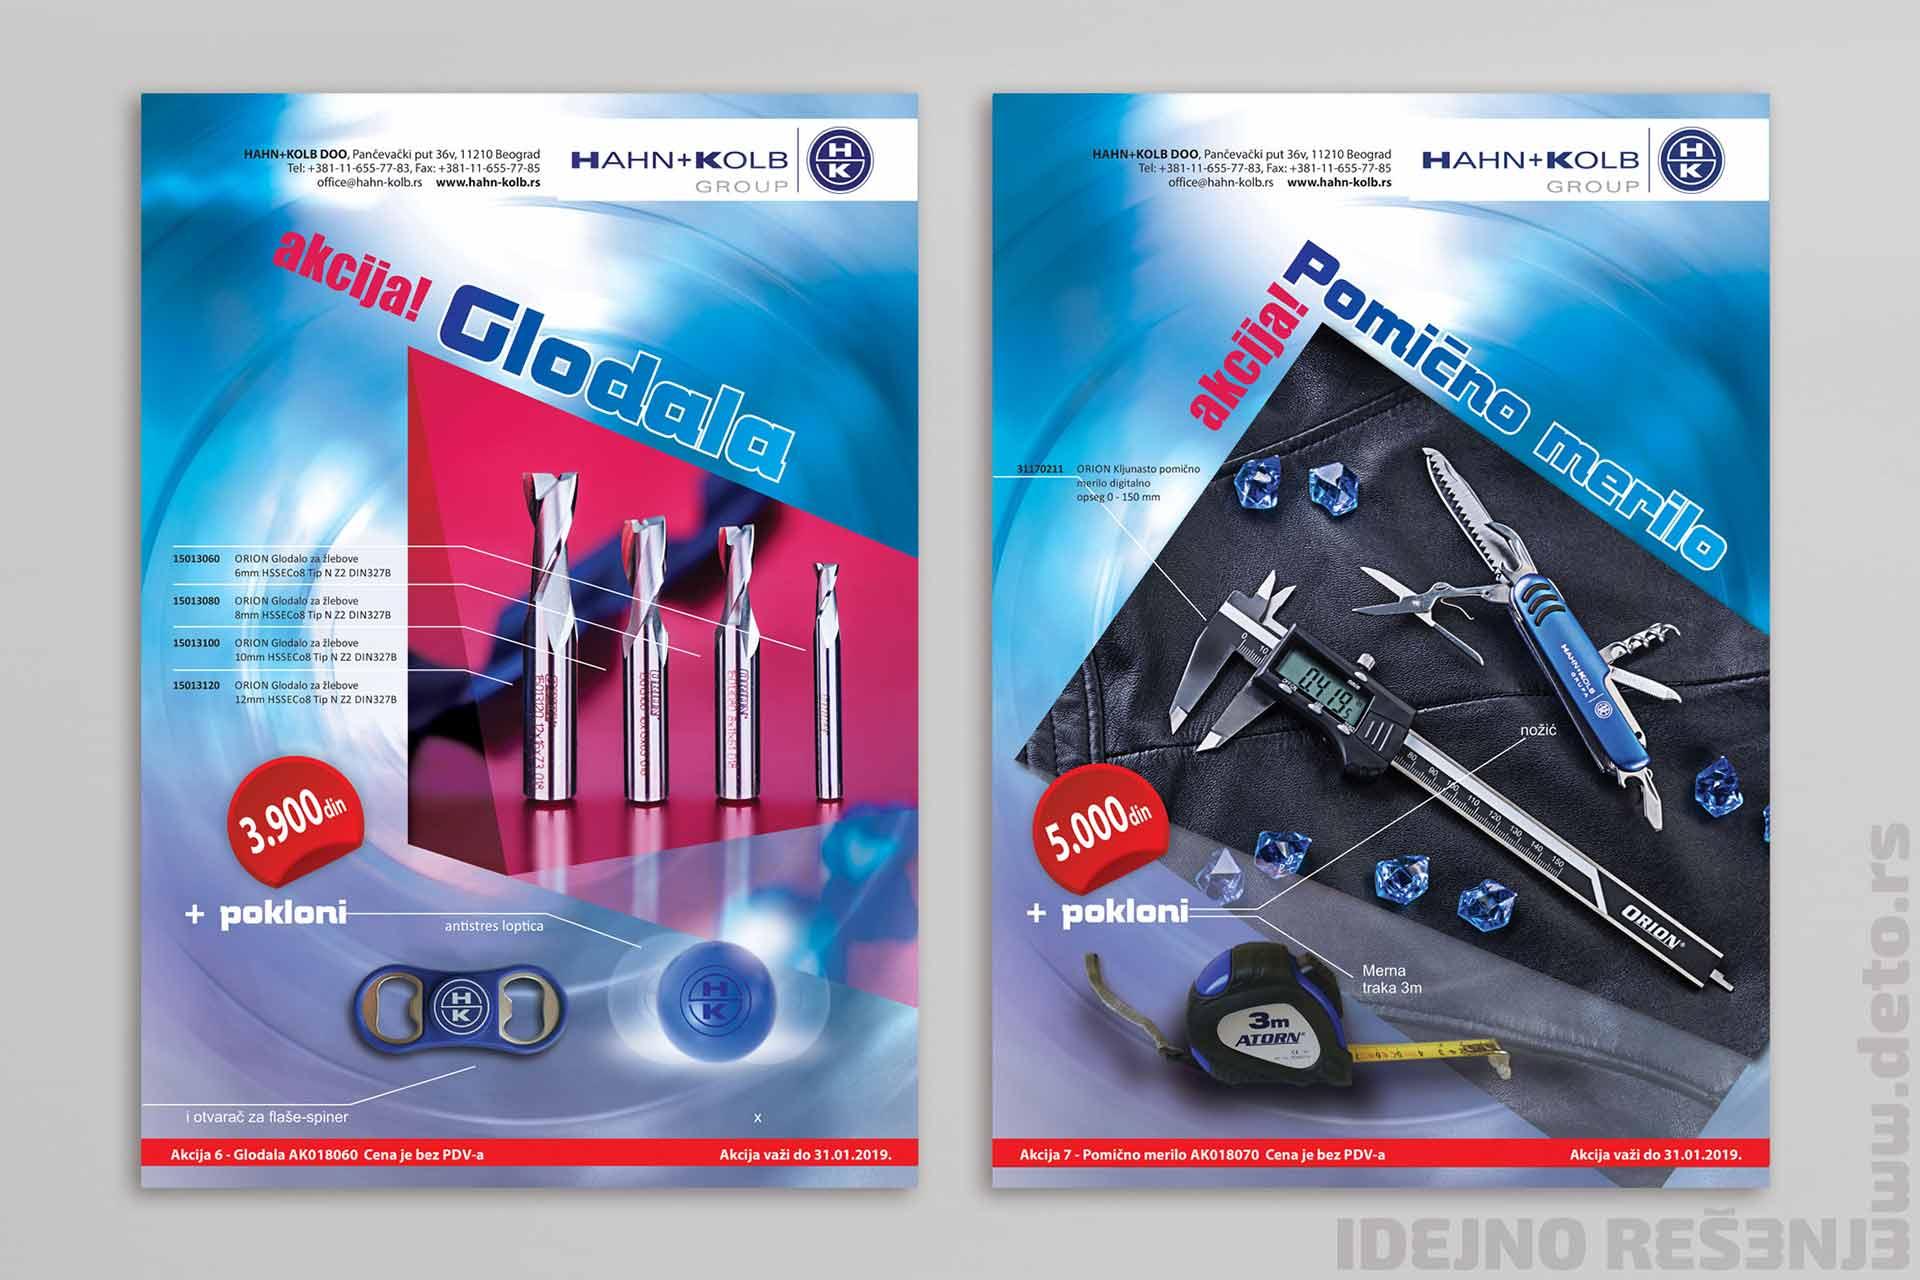 Dizajn - flajer A4 (4/4) za redovnu akciju / Hahn & Kolb